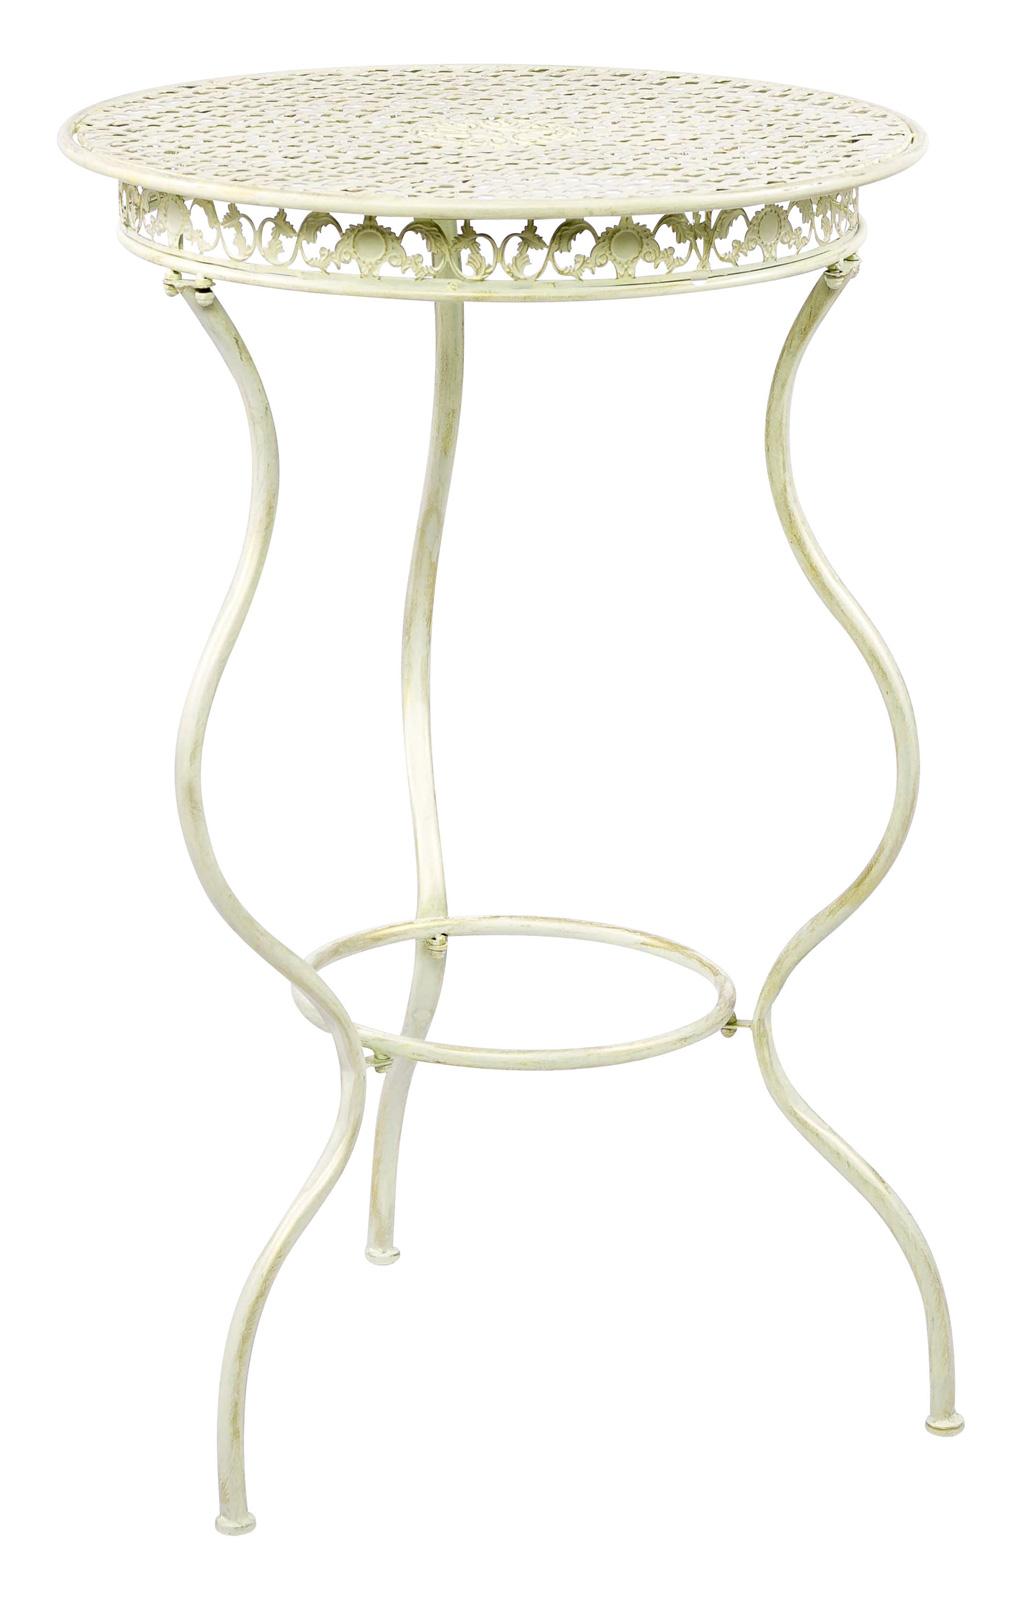 Mobilier de jardin fer mobilier tabourets de bar chaise de jardin ...